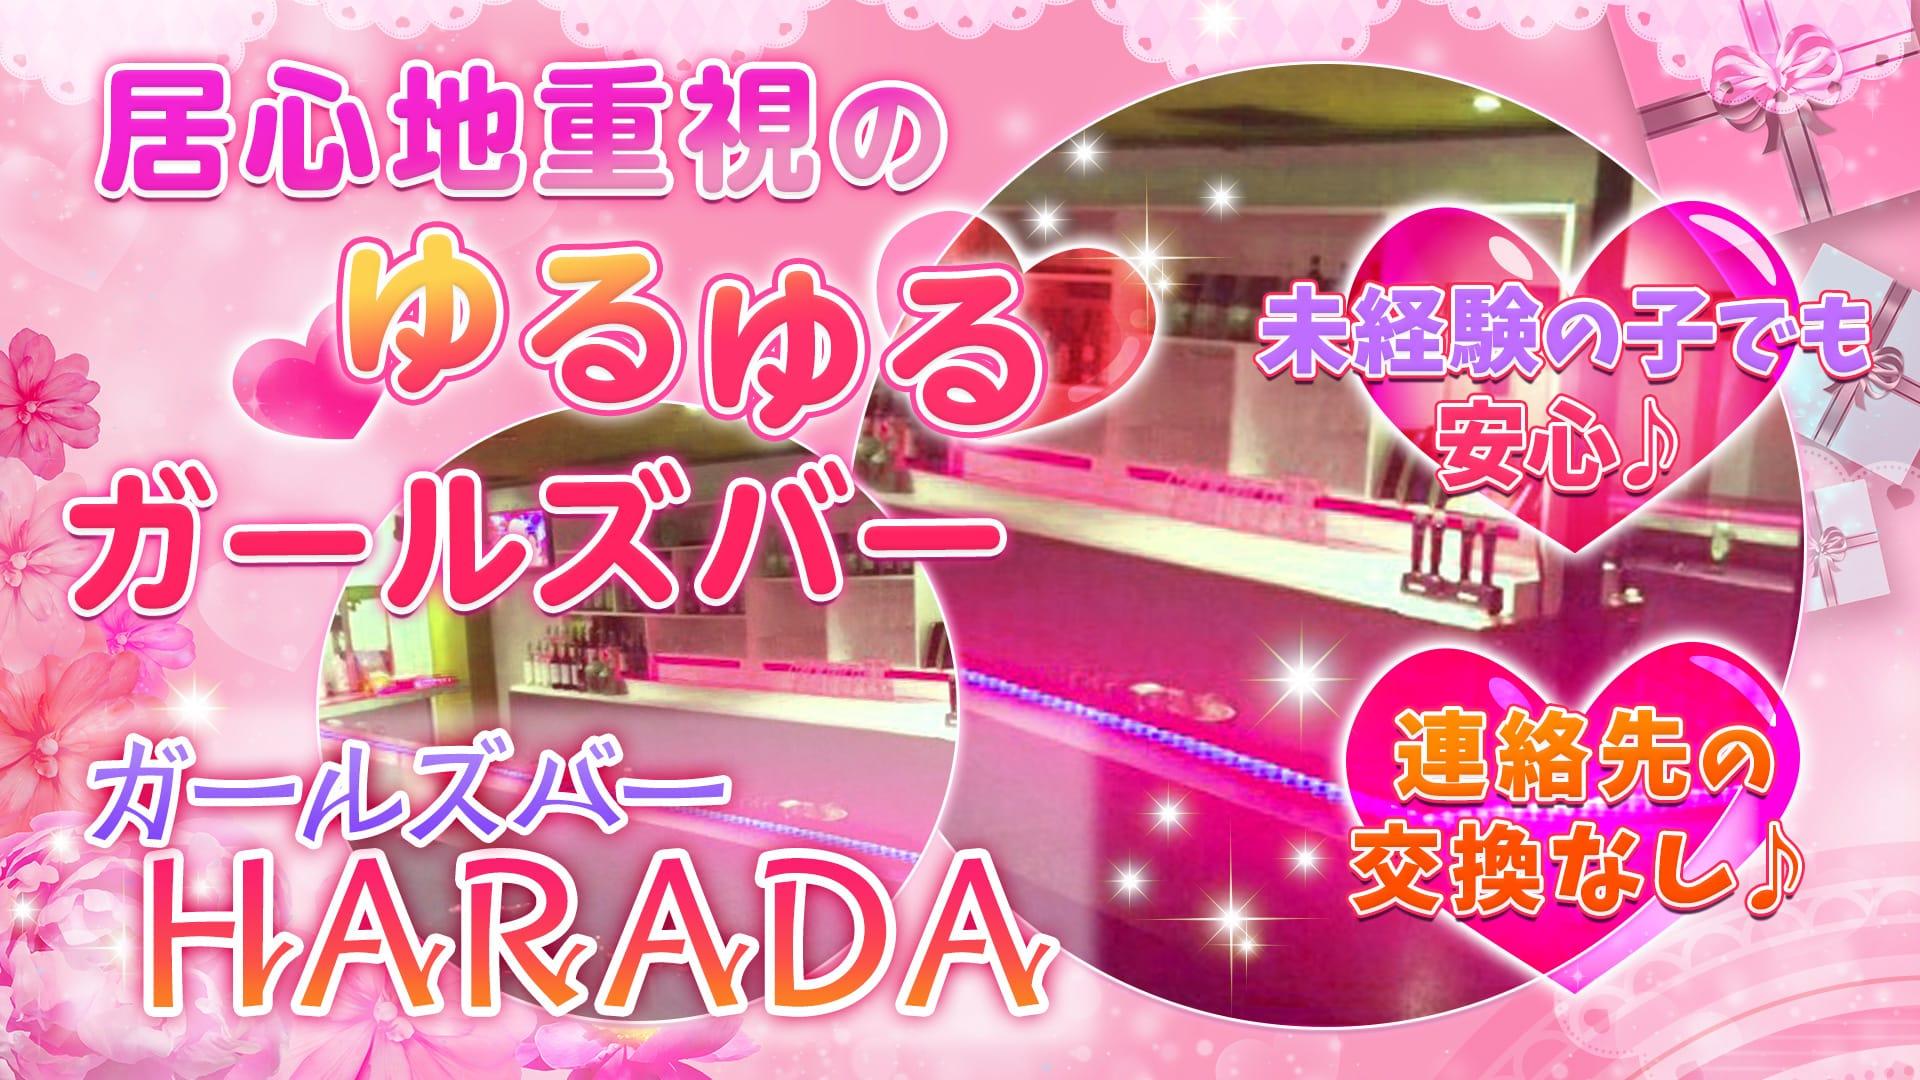 ガールズバーHARADA 平塚ガールズバー TOP画像